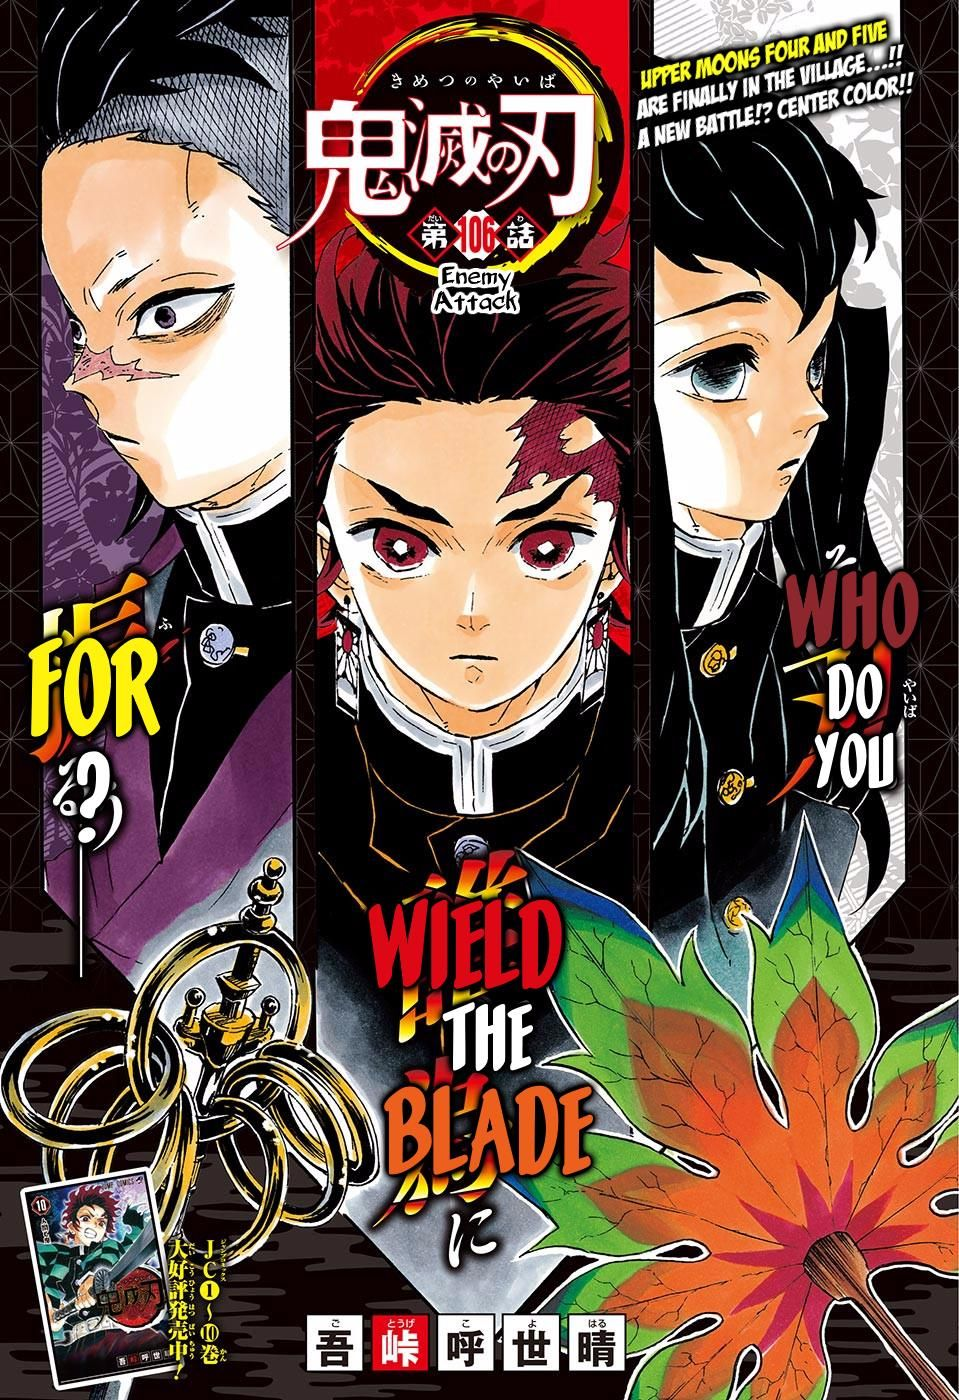 Demon Slayer Kimetsu No Yaiba Chapter 106 2020